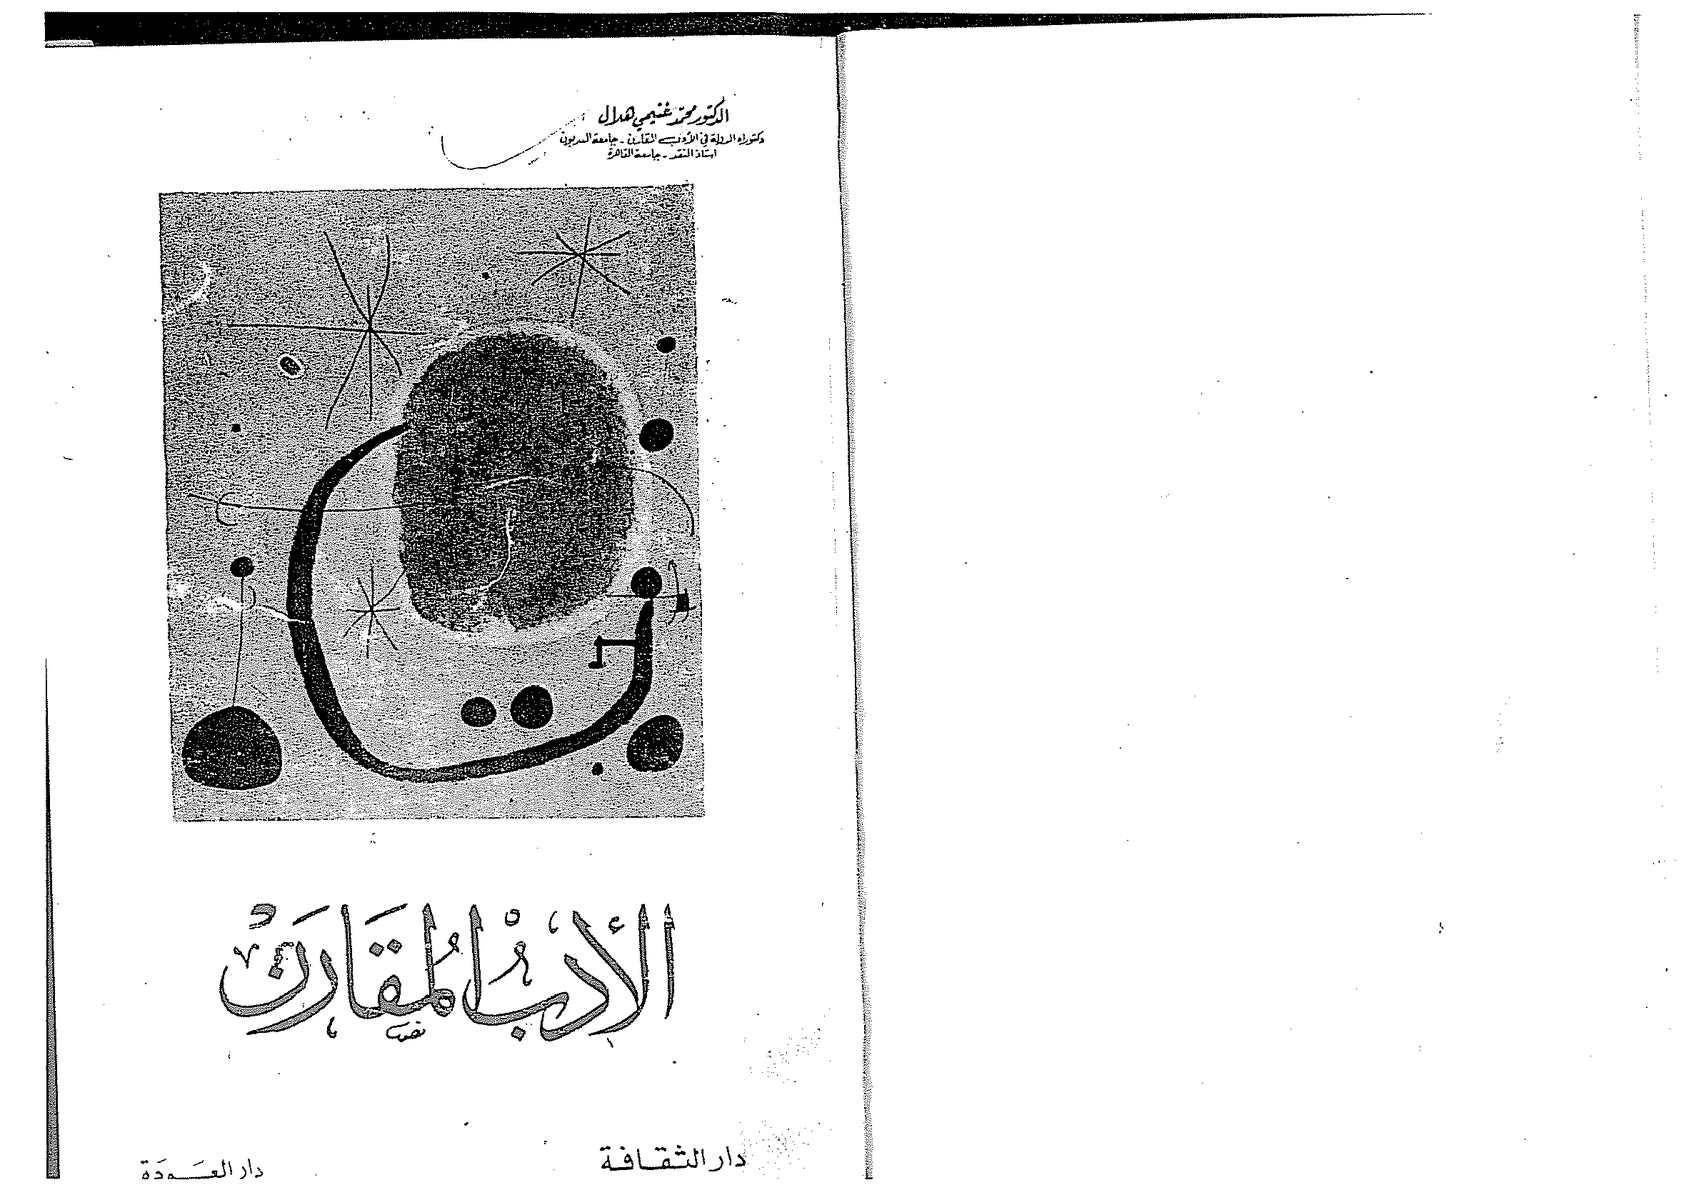 الادب المقارن - محمد غنيمي هلال.